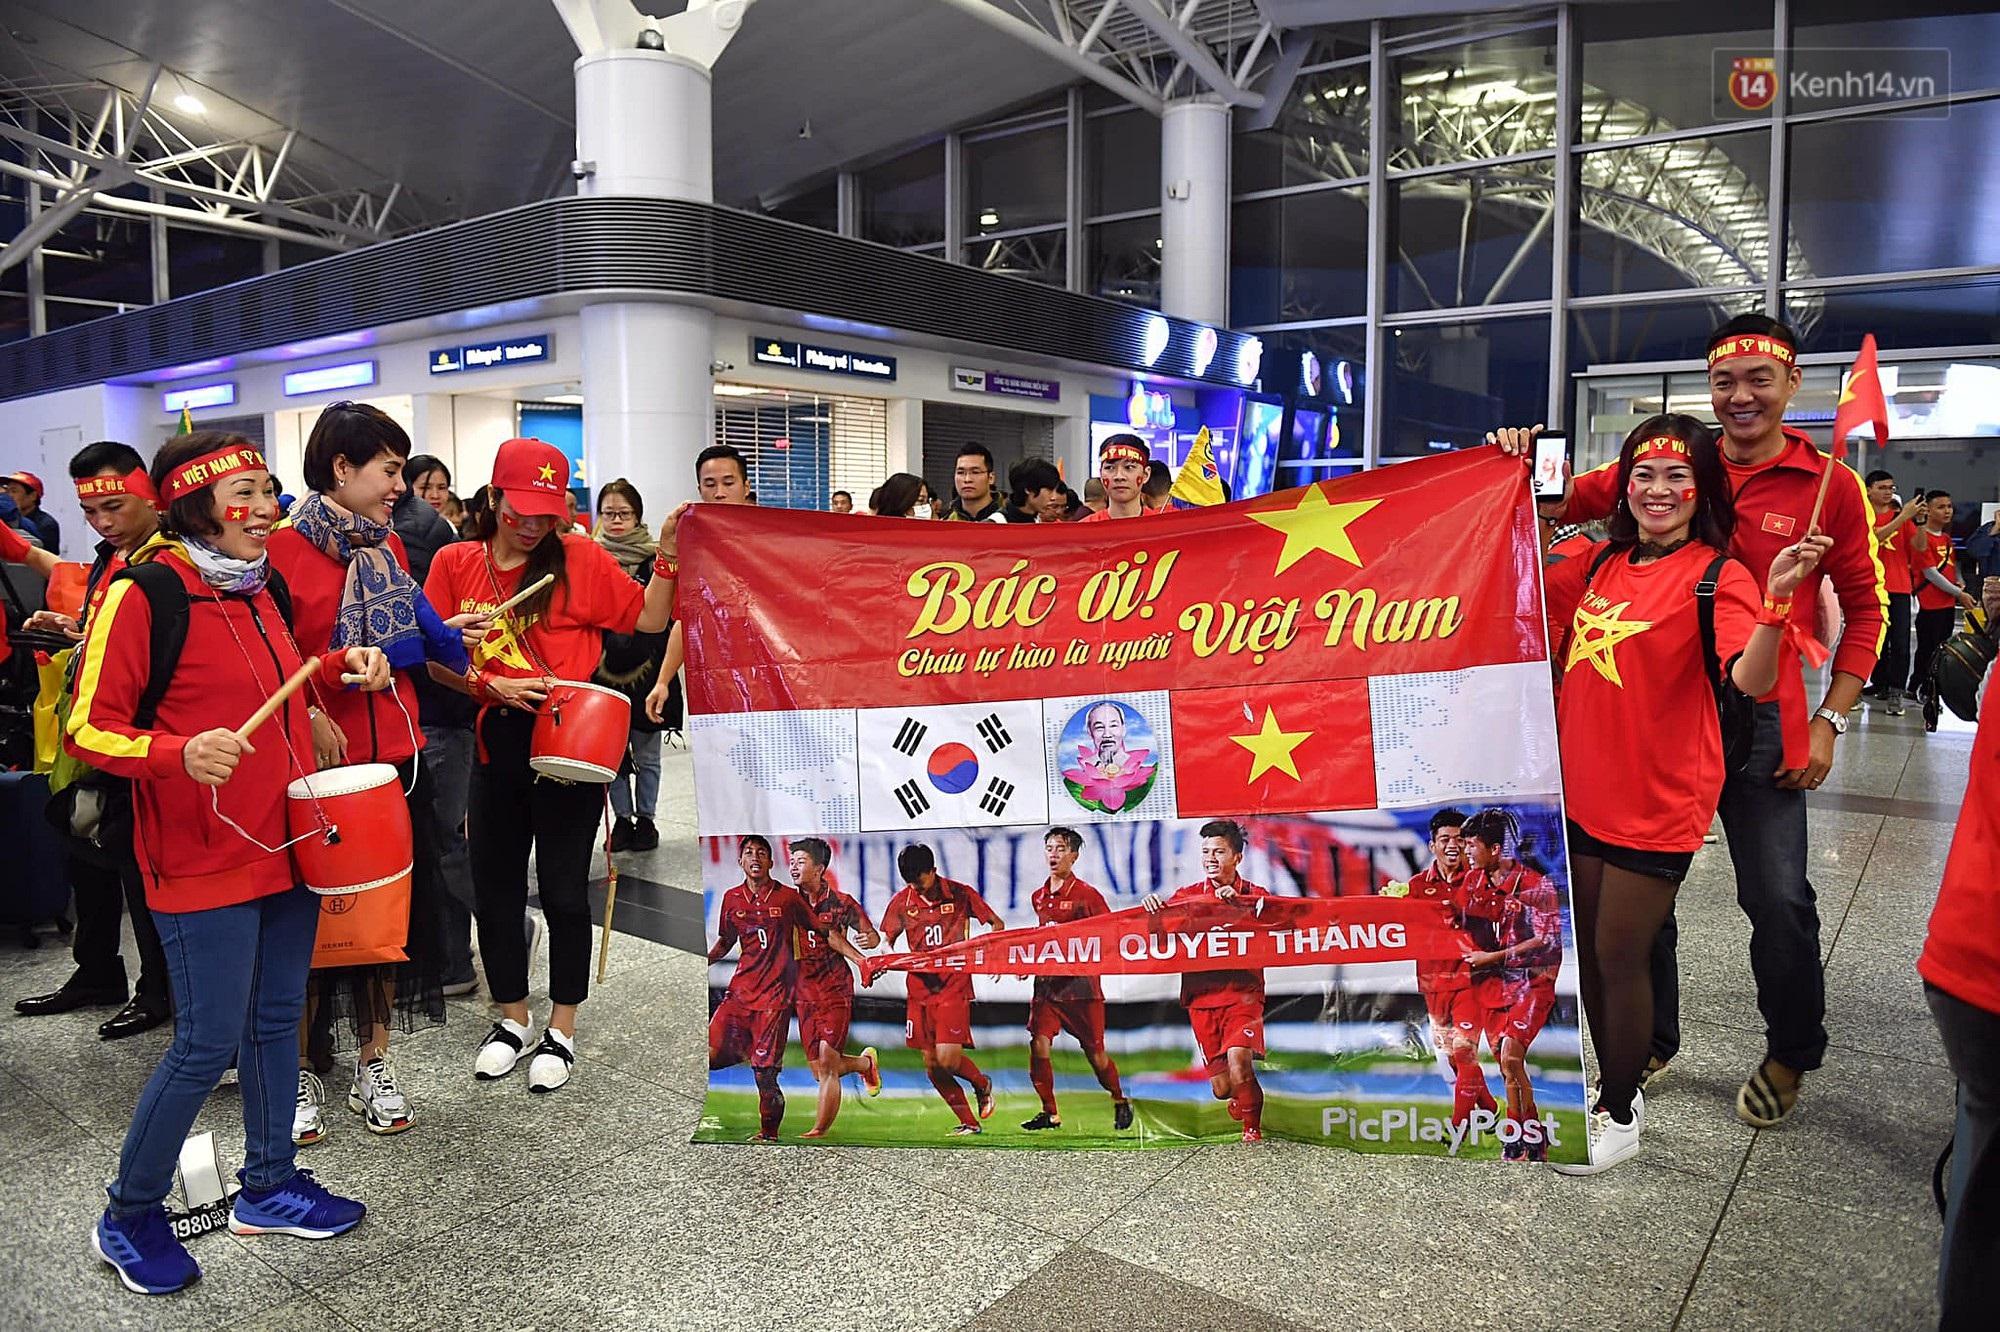 CĐV Việt Nam cùng nhau hát Quốc ca ở độ cao 10.000m, hết mình cổ vũ cho ĐT nước nhà trong trận chung kết AFF Cup 2018 - Ảnh 1